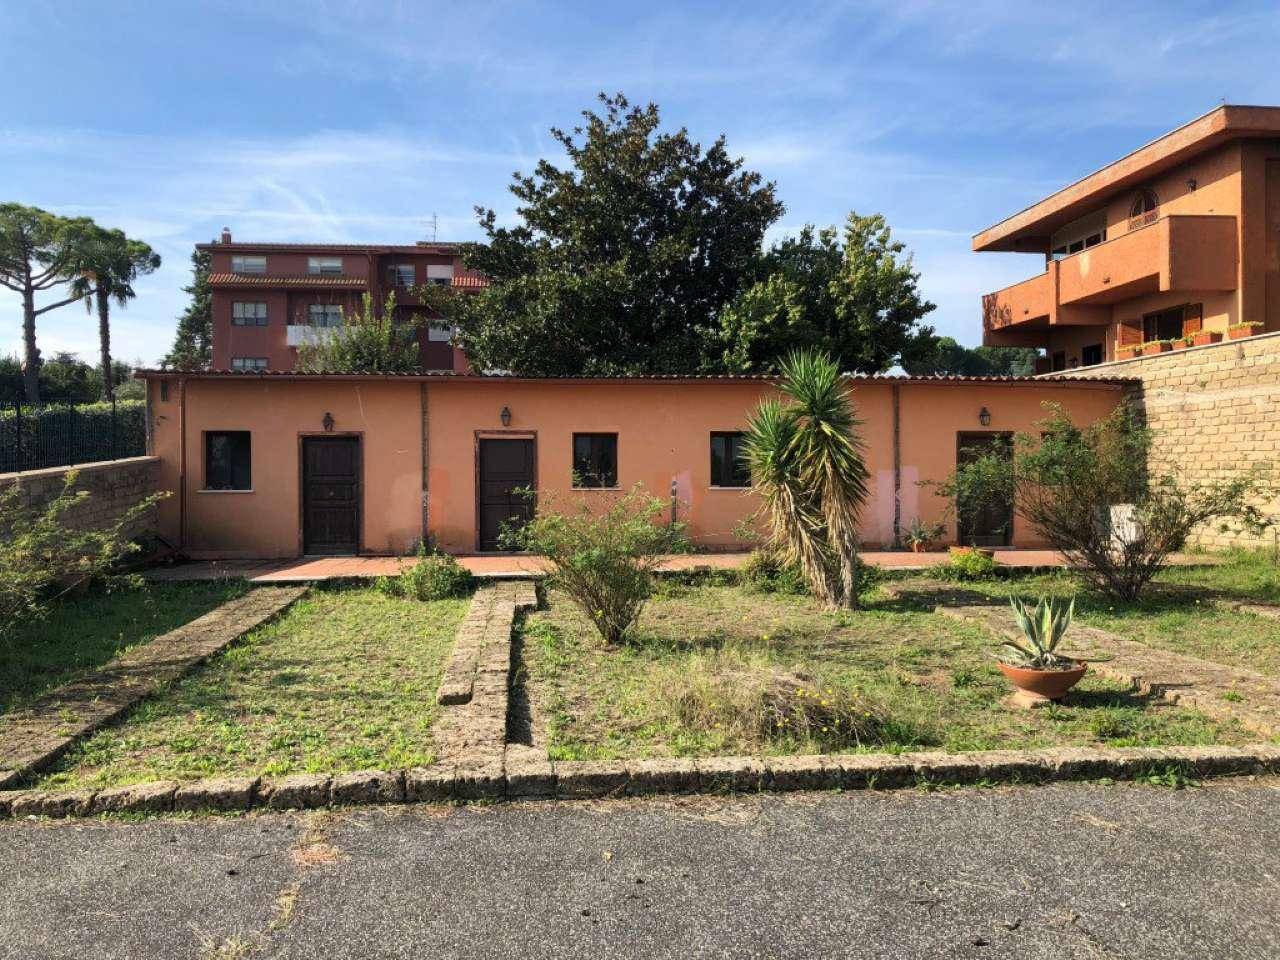 Appartamento in vendita a Roma, 3 locali, zona Zona: 31 . Giustiniana, Tomba di Nerone, Cassia, prezzo € 210.000 | CambioCasa.it